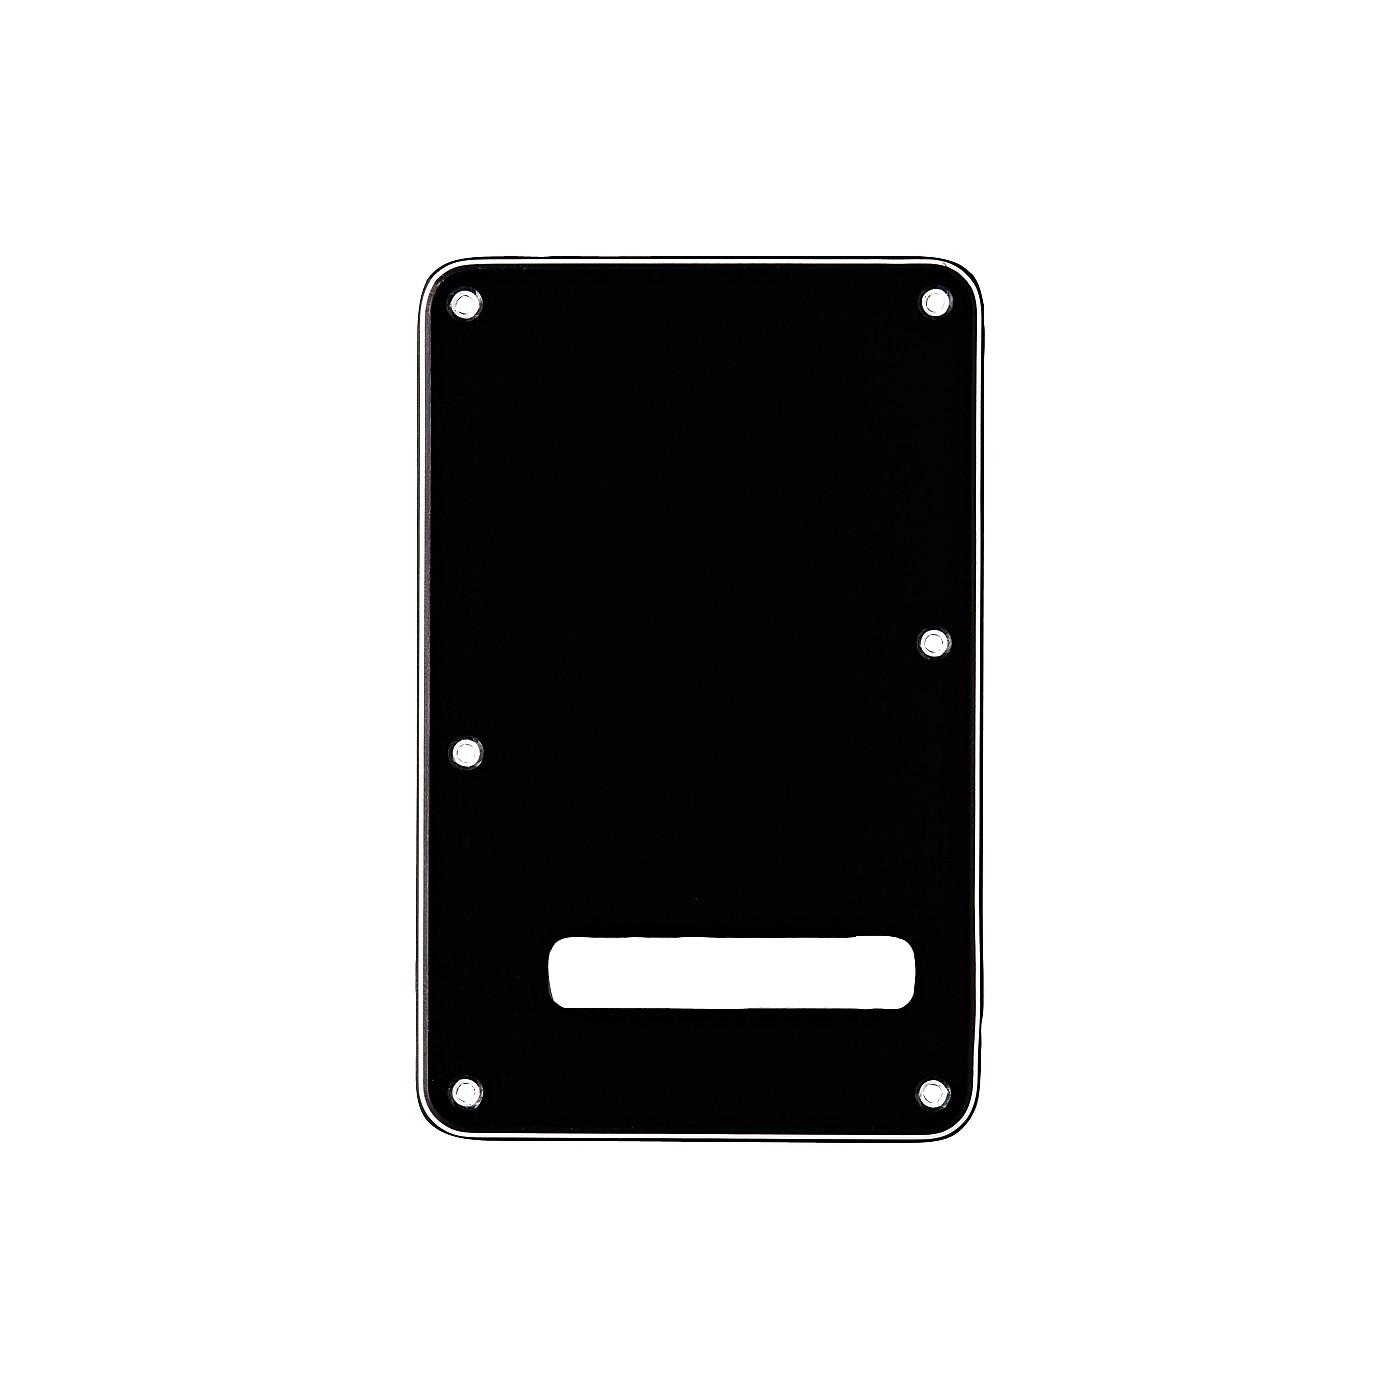 Fender Stratocaster Backplate Black thumbnail